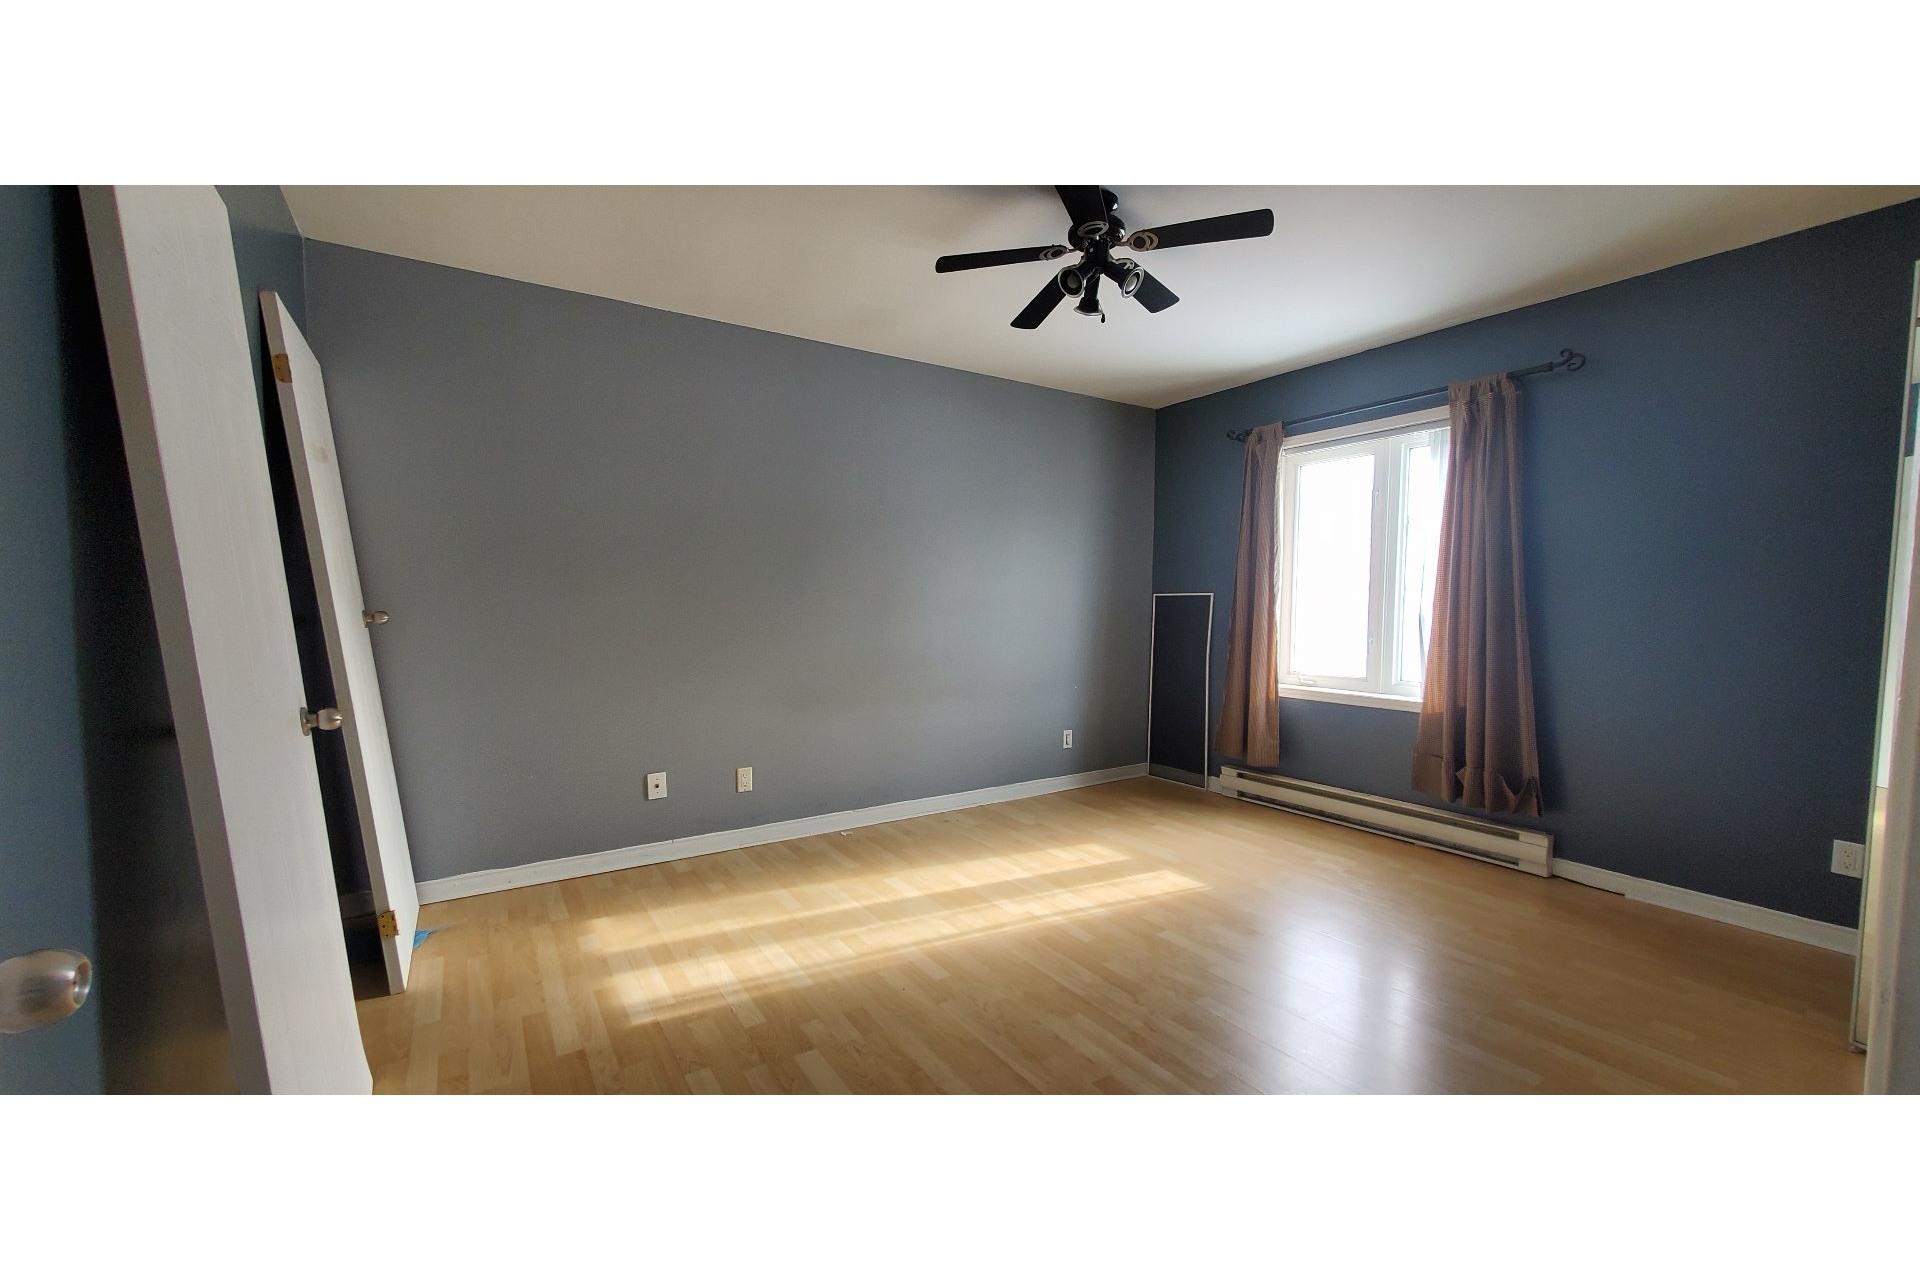 image 3 - House For sale Trois-Rivières - 7 rooms